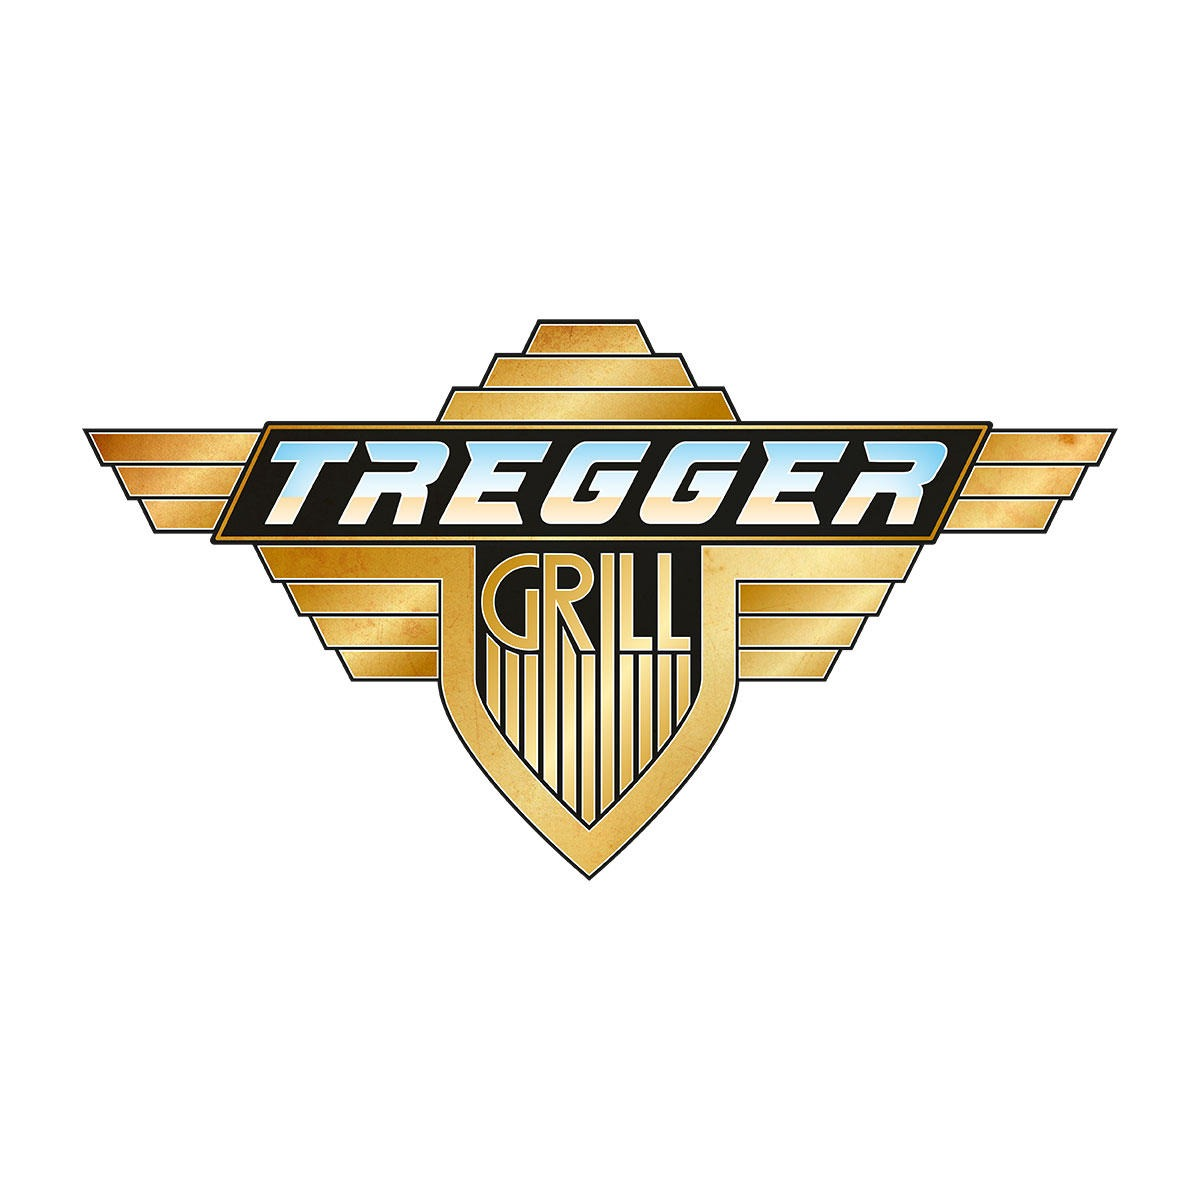 Logo Karls - Tregger-Grill